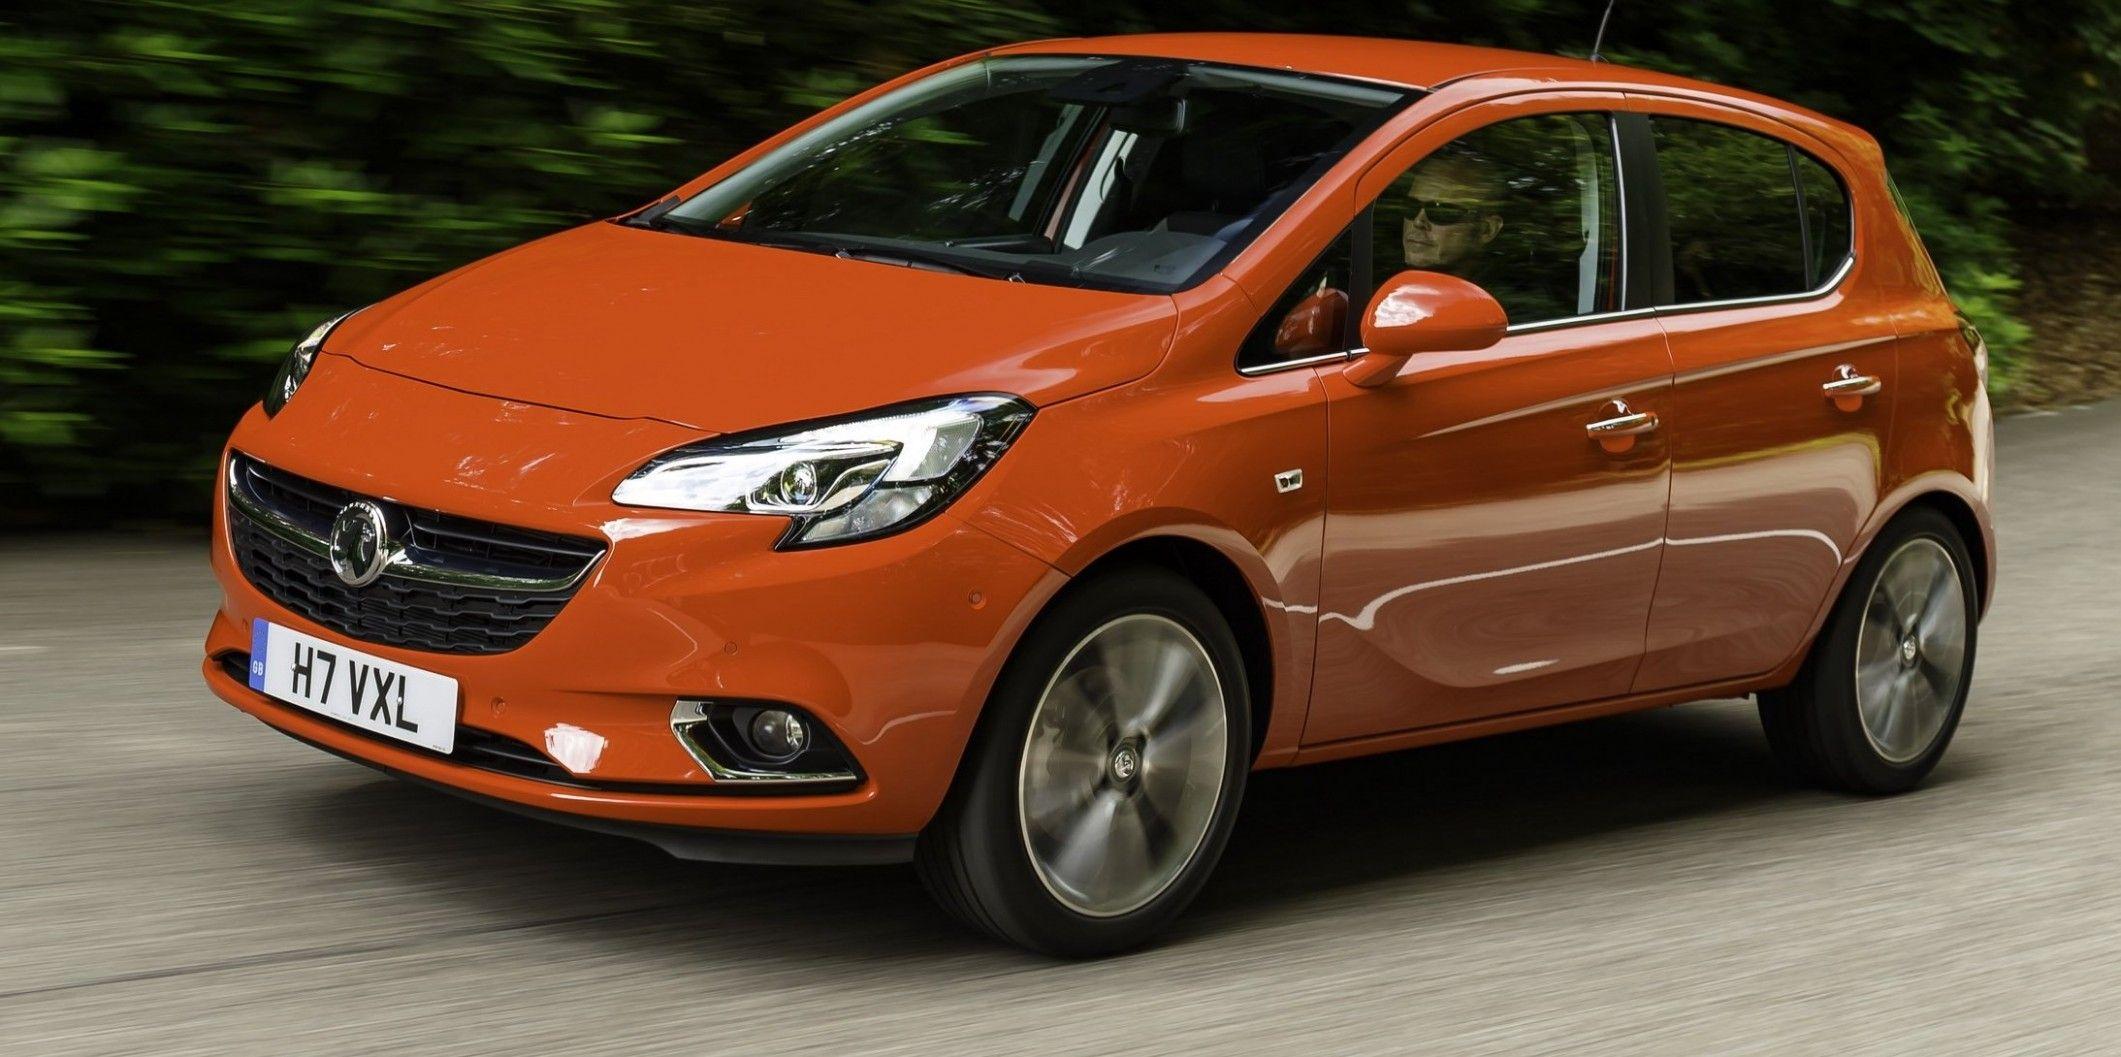 Technische Daten und Bewertung 2021 Opel Agila